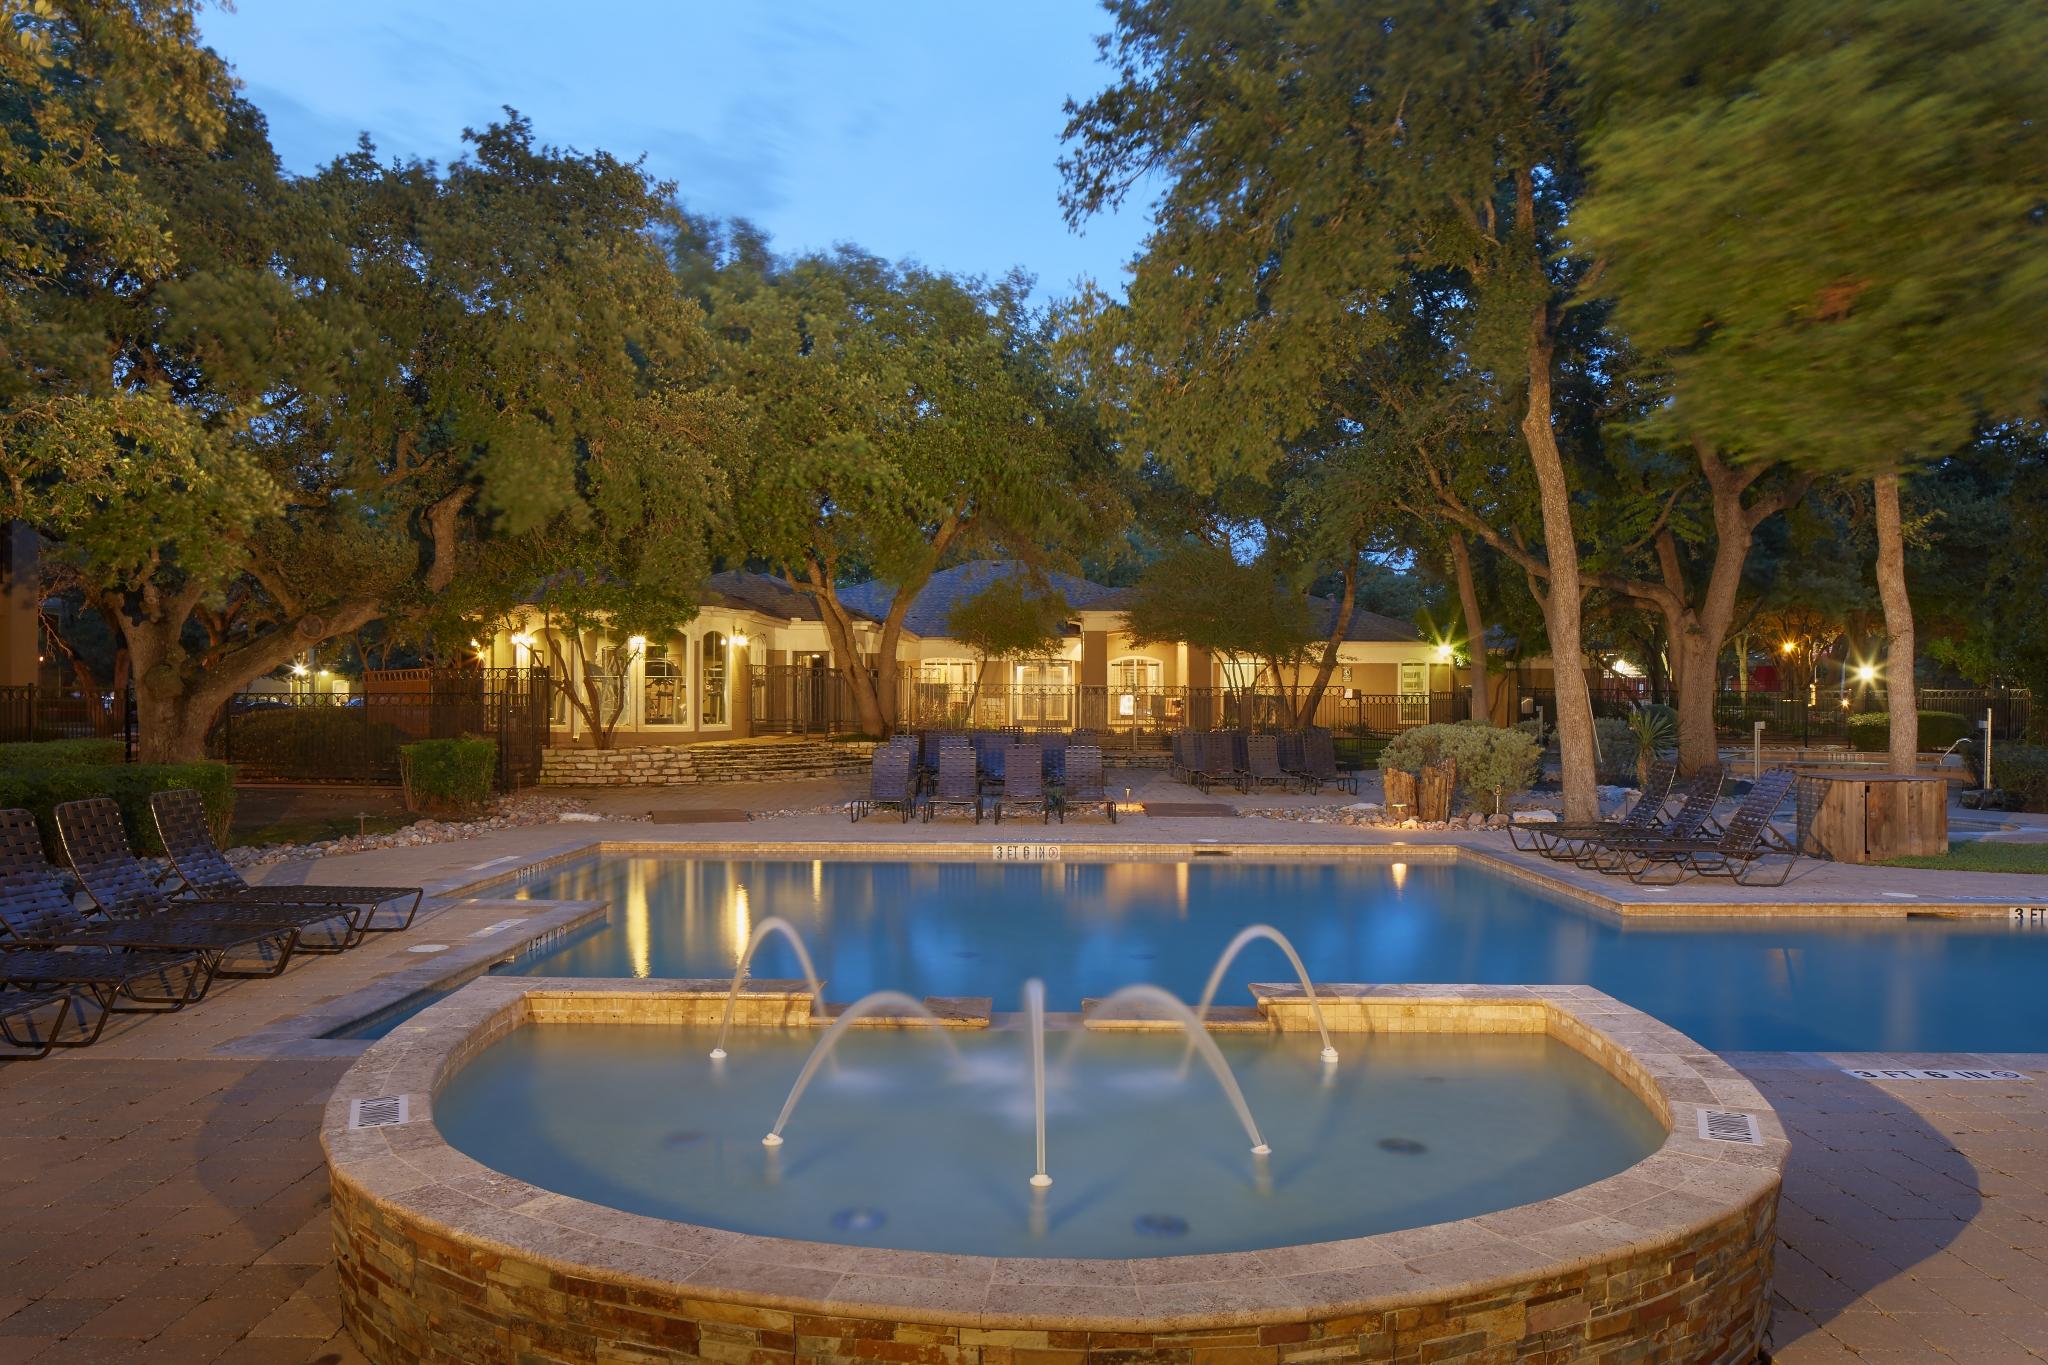 Northland at the Arboretum   apartment community pool